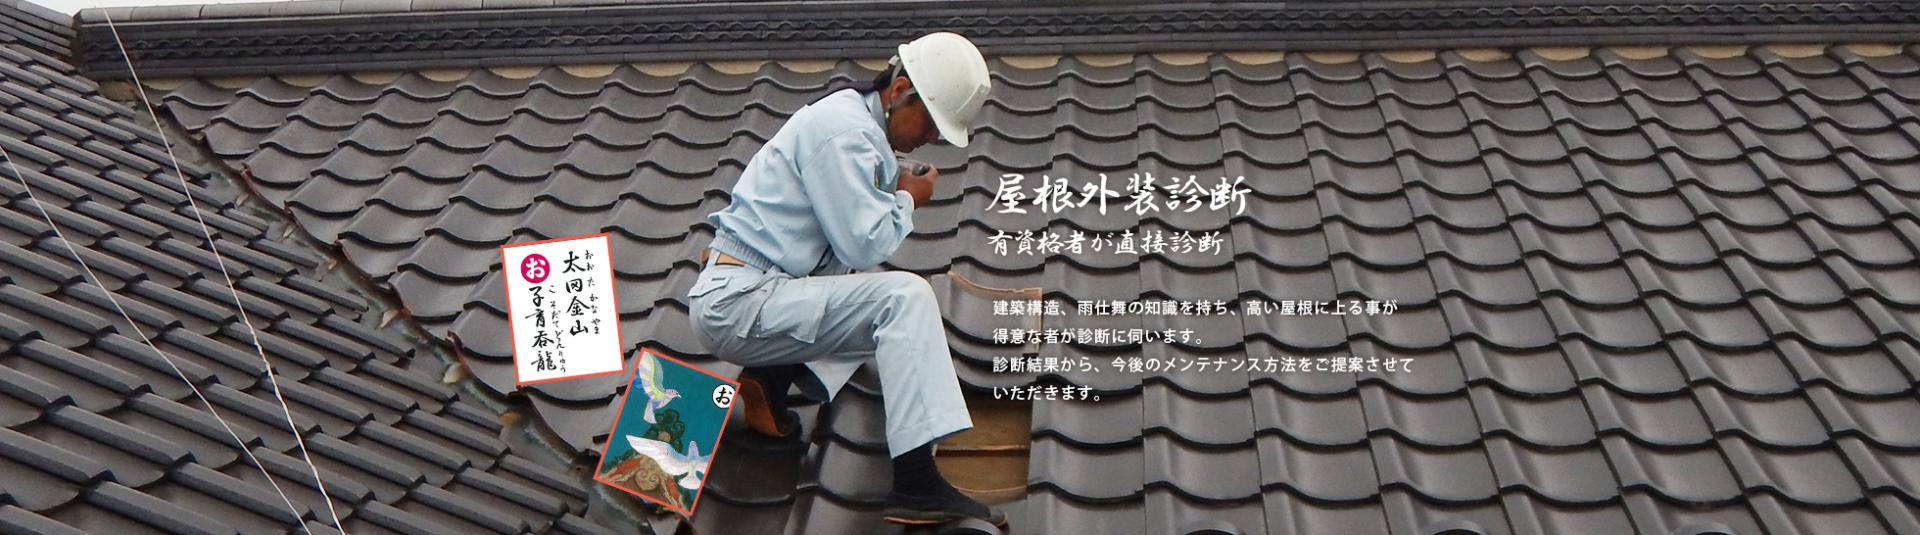 屋根外装診断